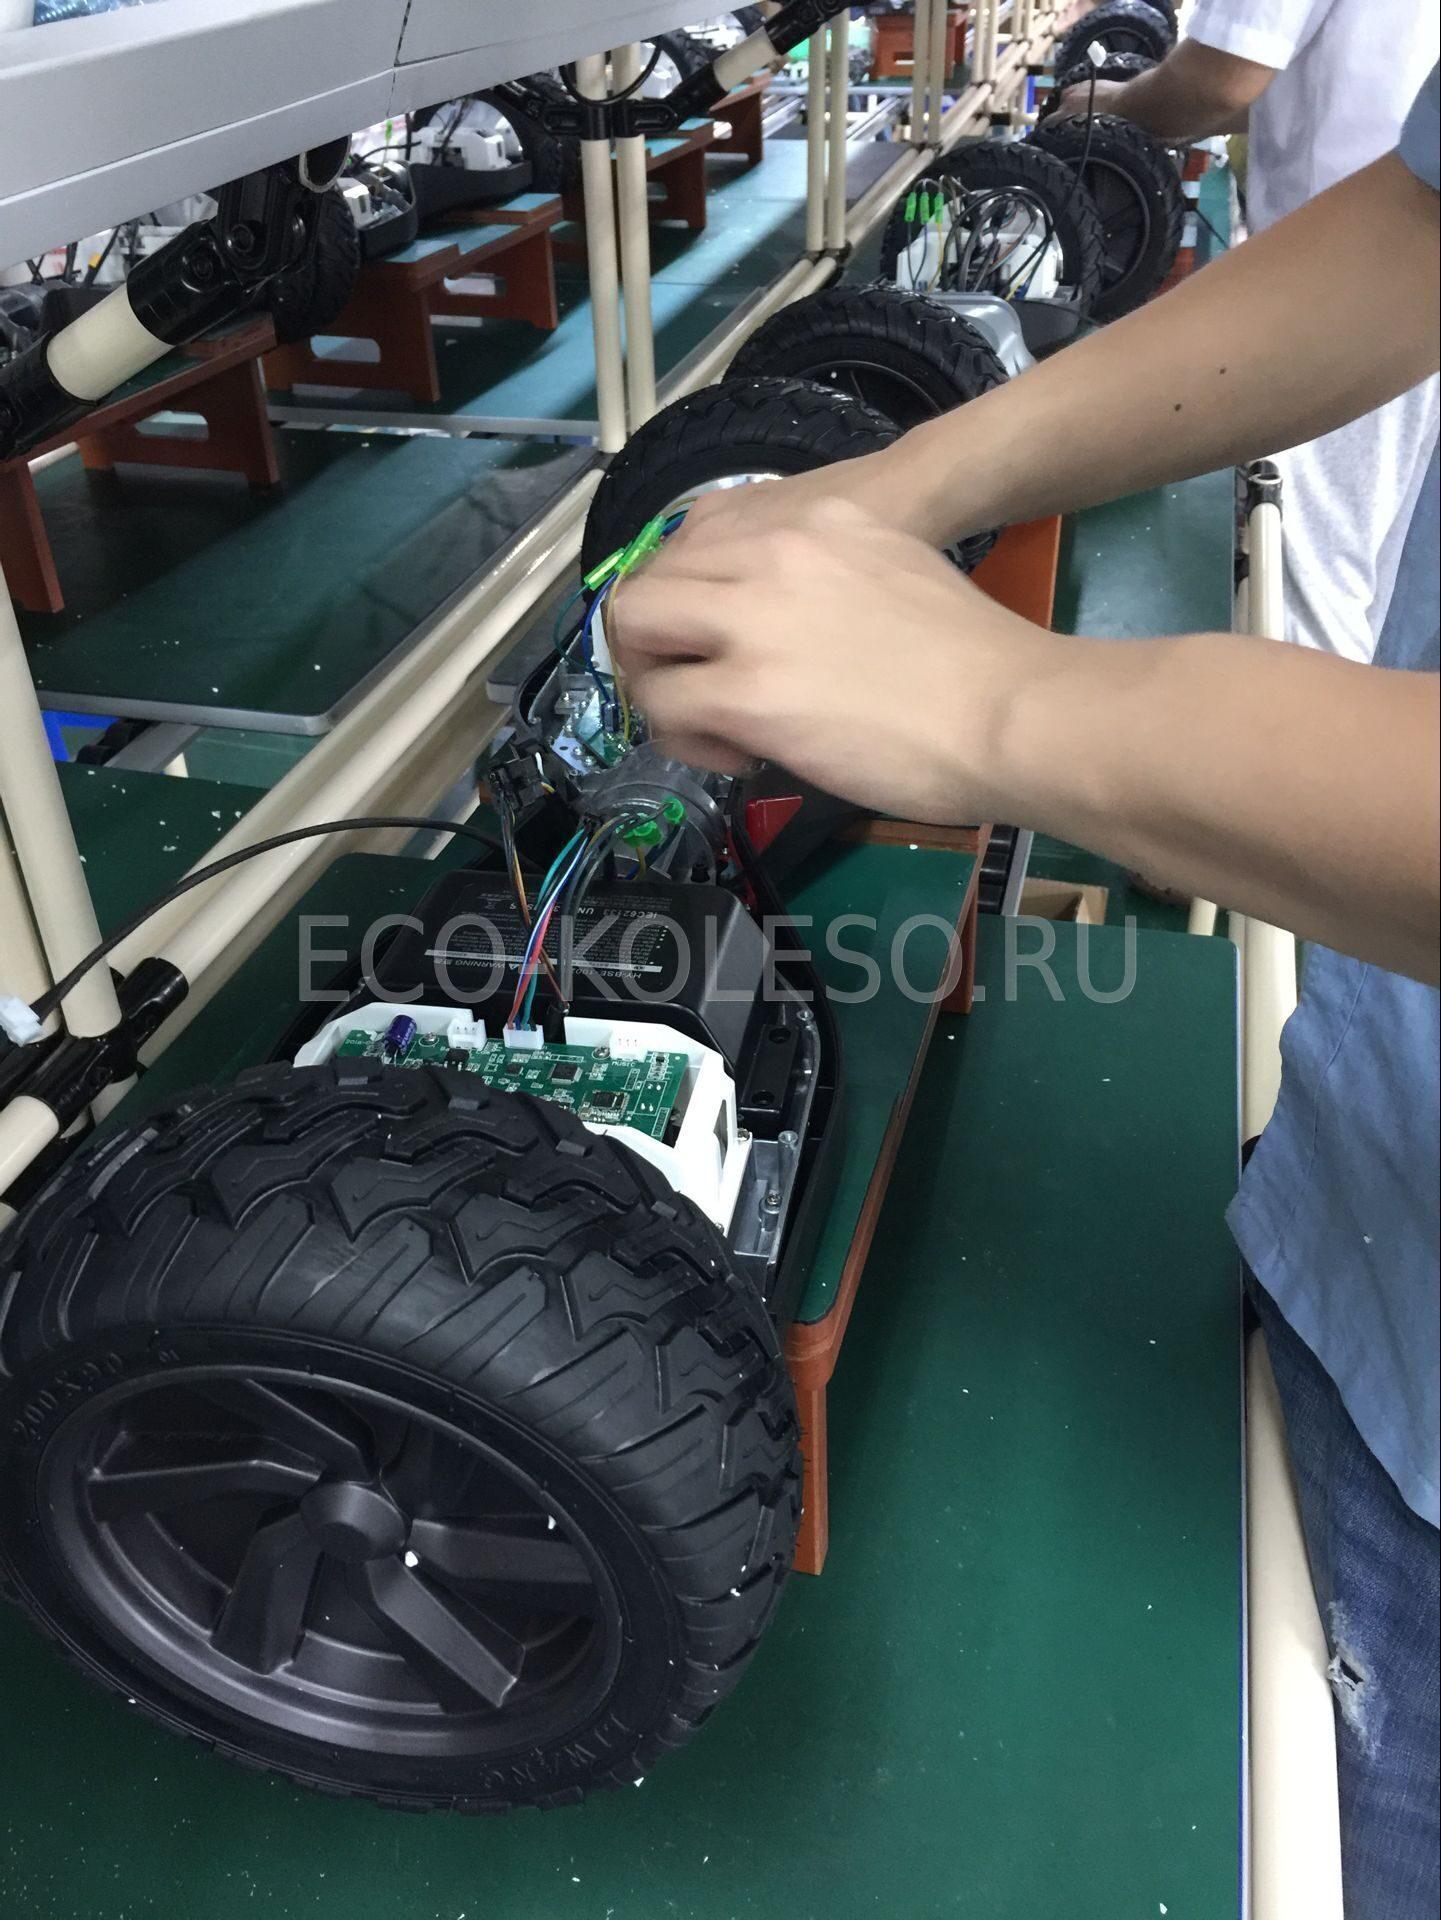 внедорожный гироскутер купить